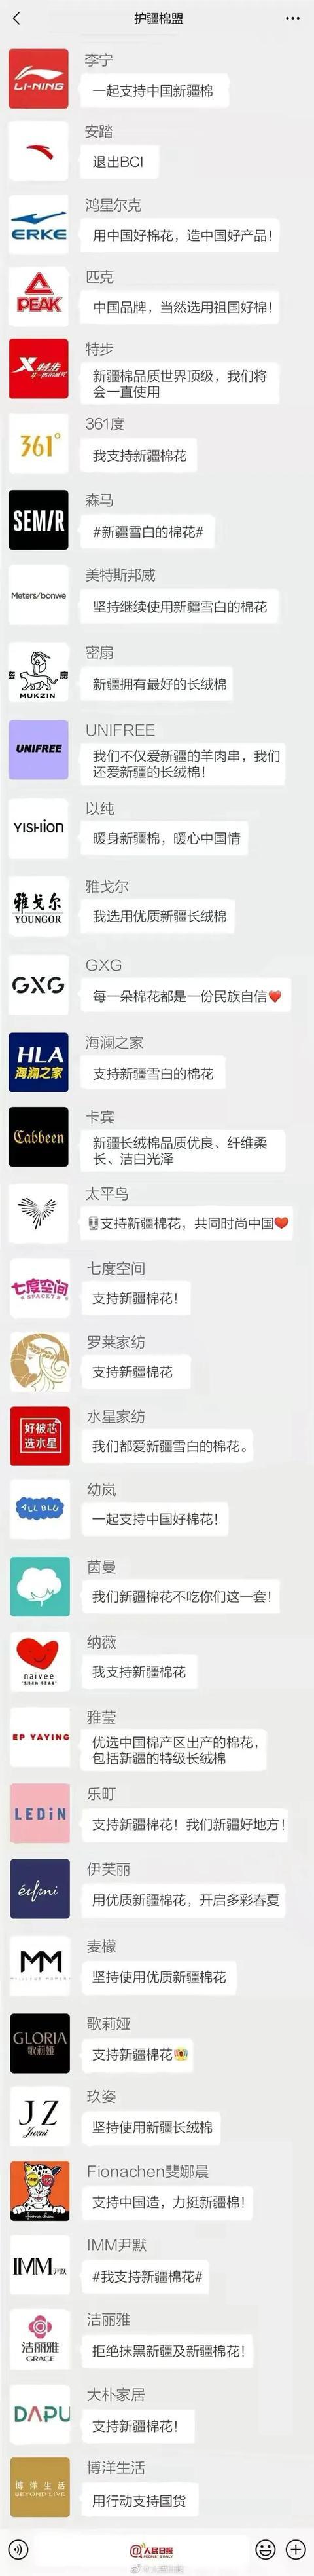 香港股市发售的安踏、安踏体育早已是好几千亿的大型企业